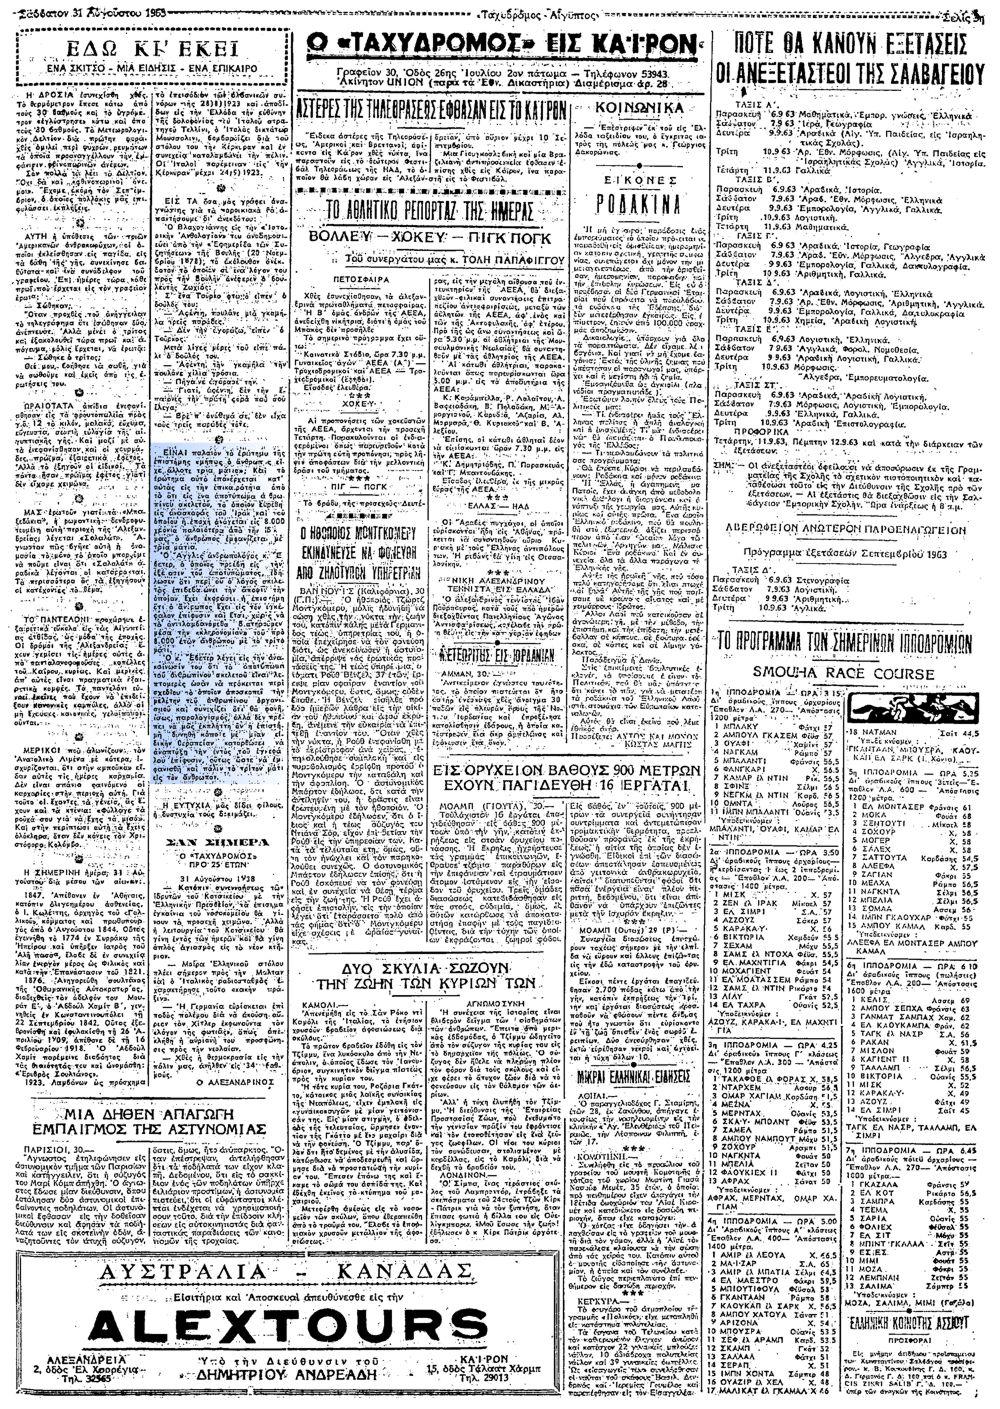 """Το άρθρο, όπως δημοσιεύθηκε στην εφημερίδα """"ΤΑΧΥΔΡΟΜΟΣ"""", στις 31/08/1963"""